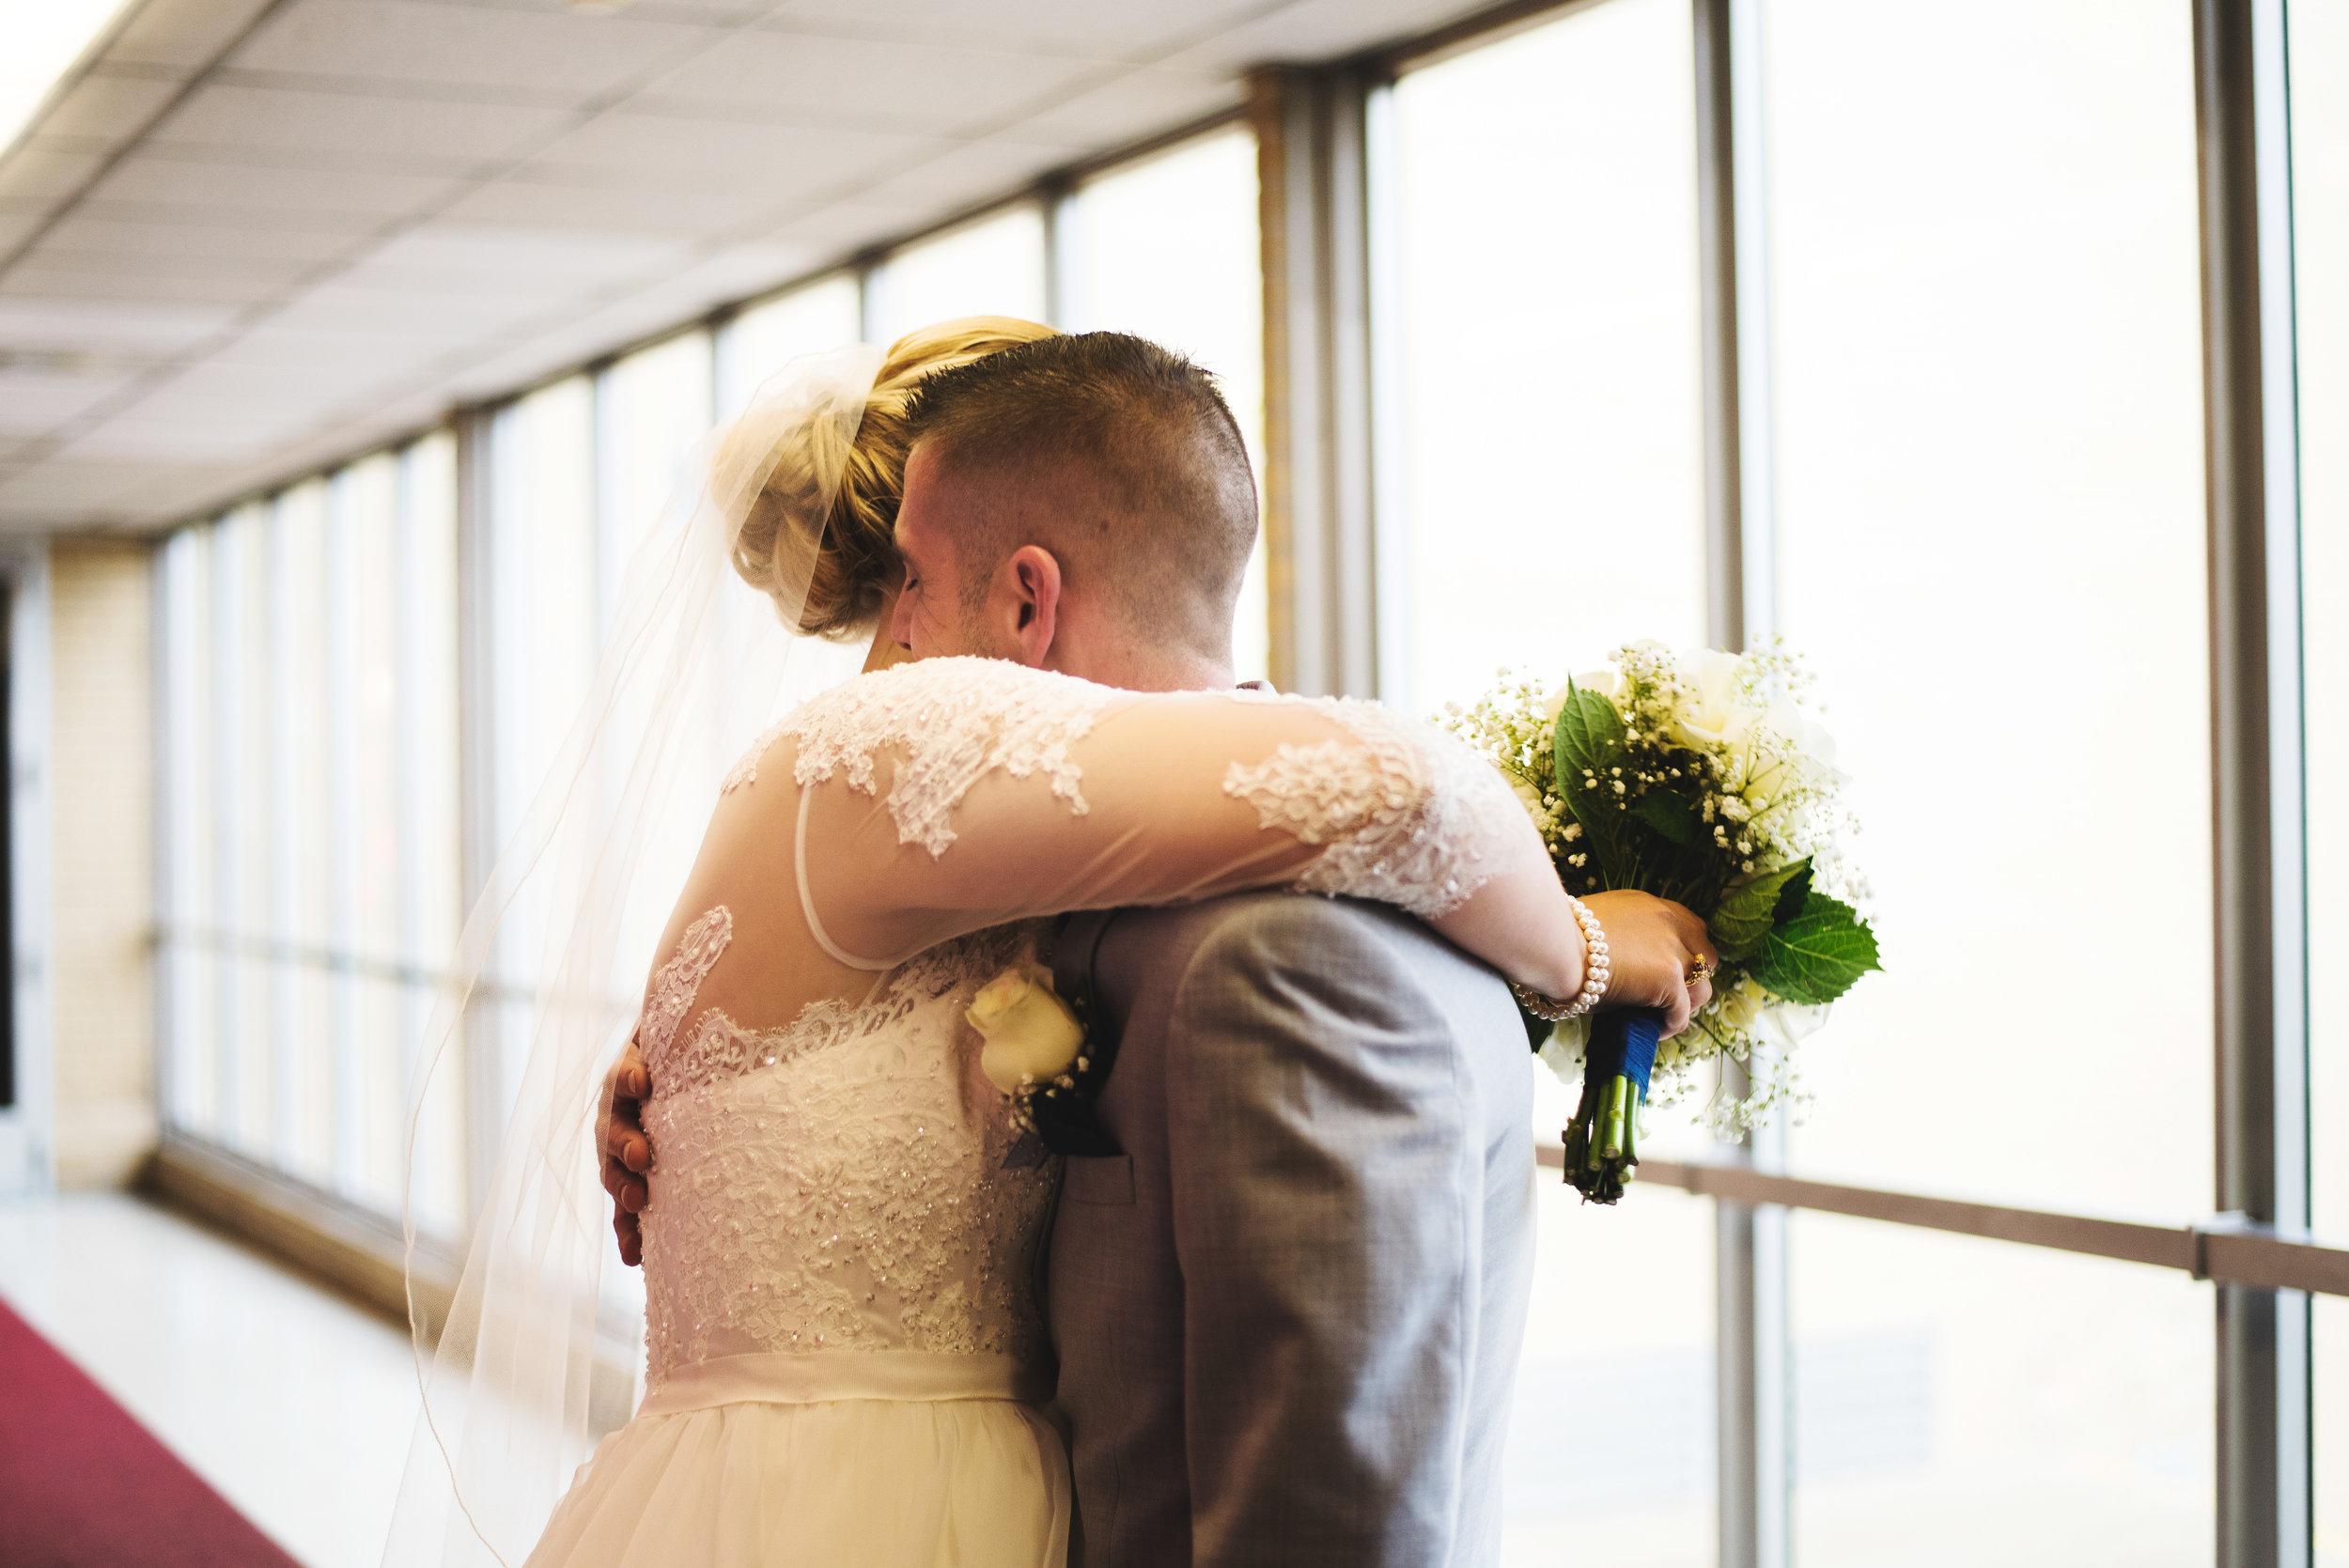 King-Northern-Illinois-University-Wedding031.jpg